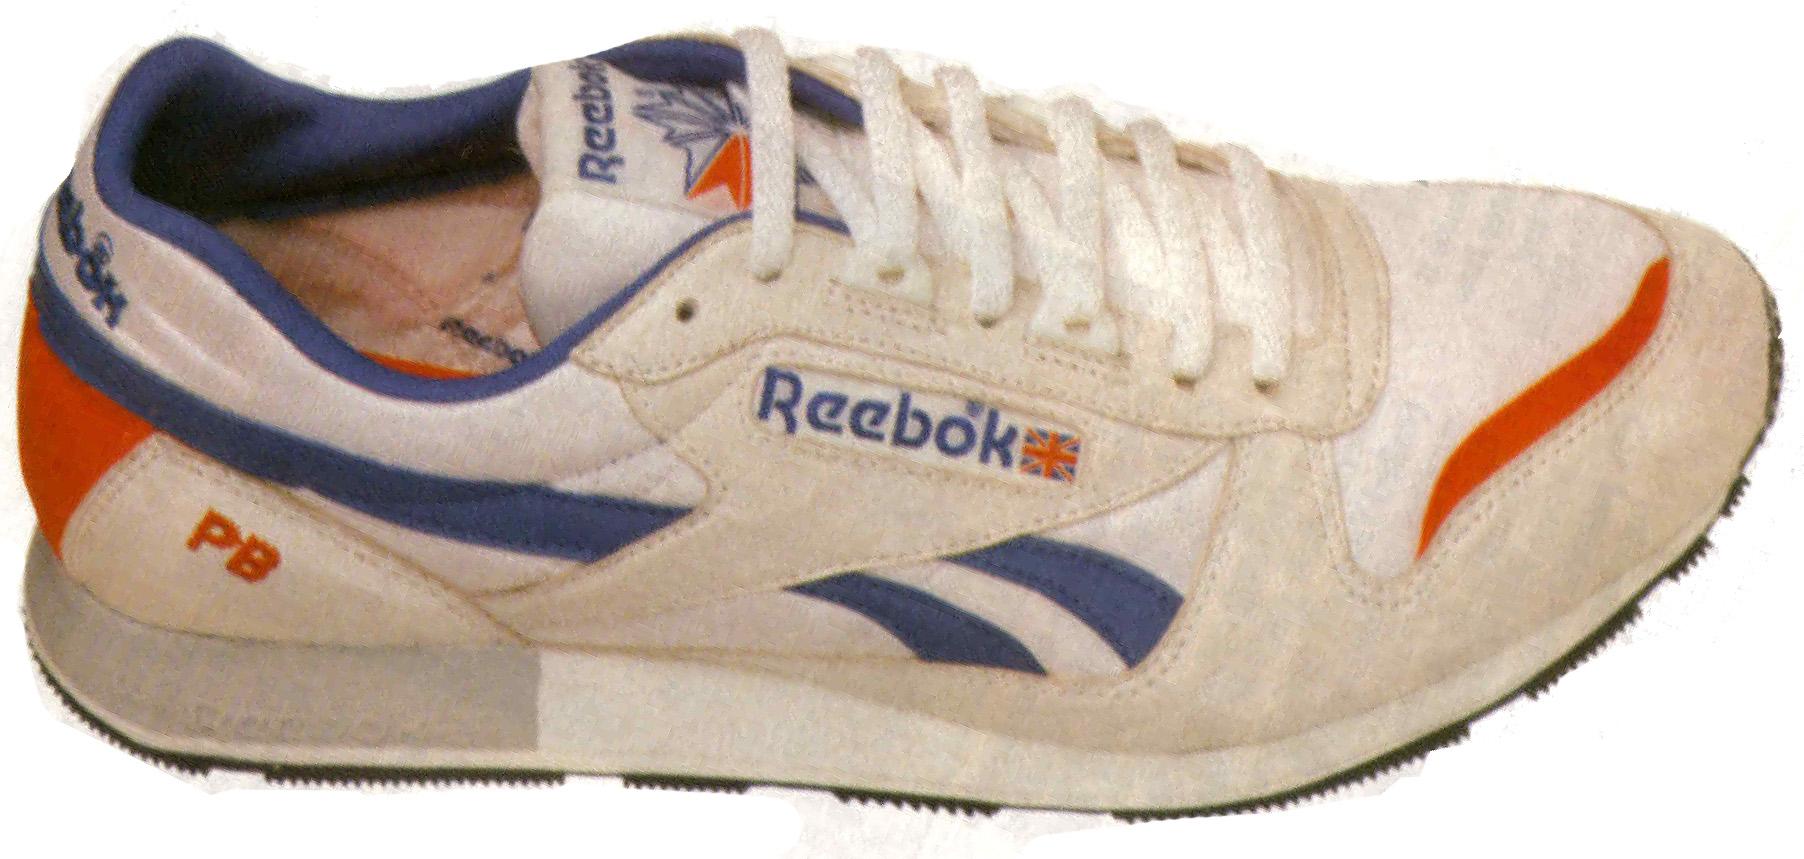 80's Reeboks | Retrobok